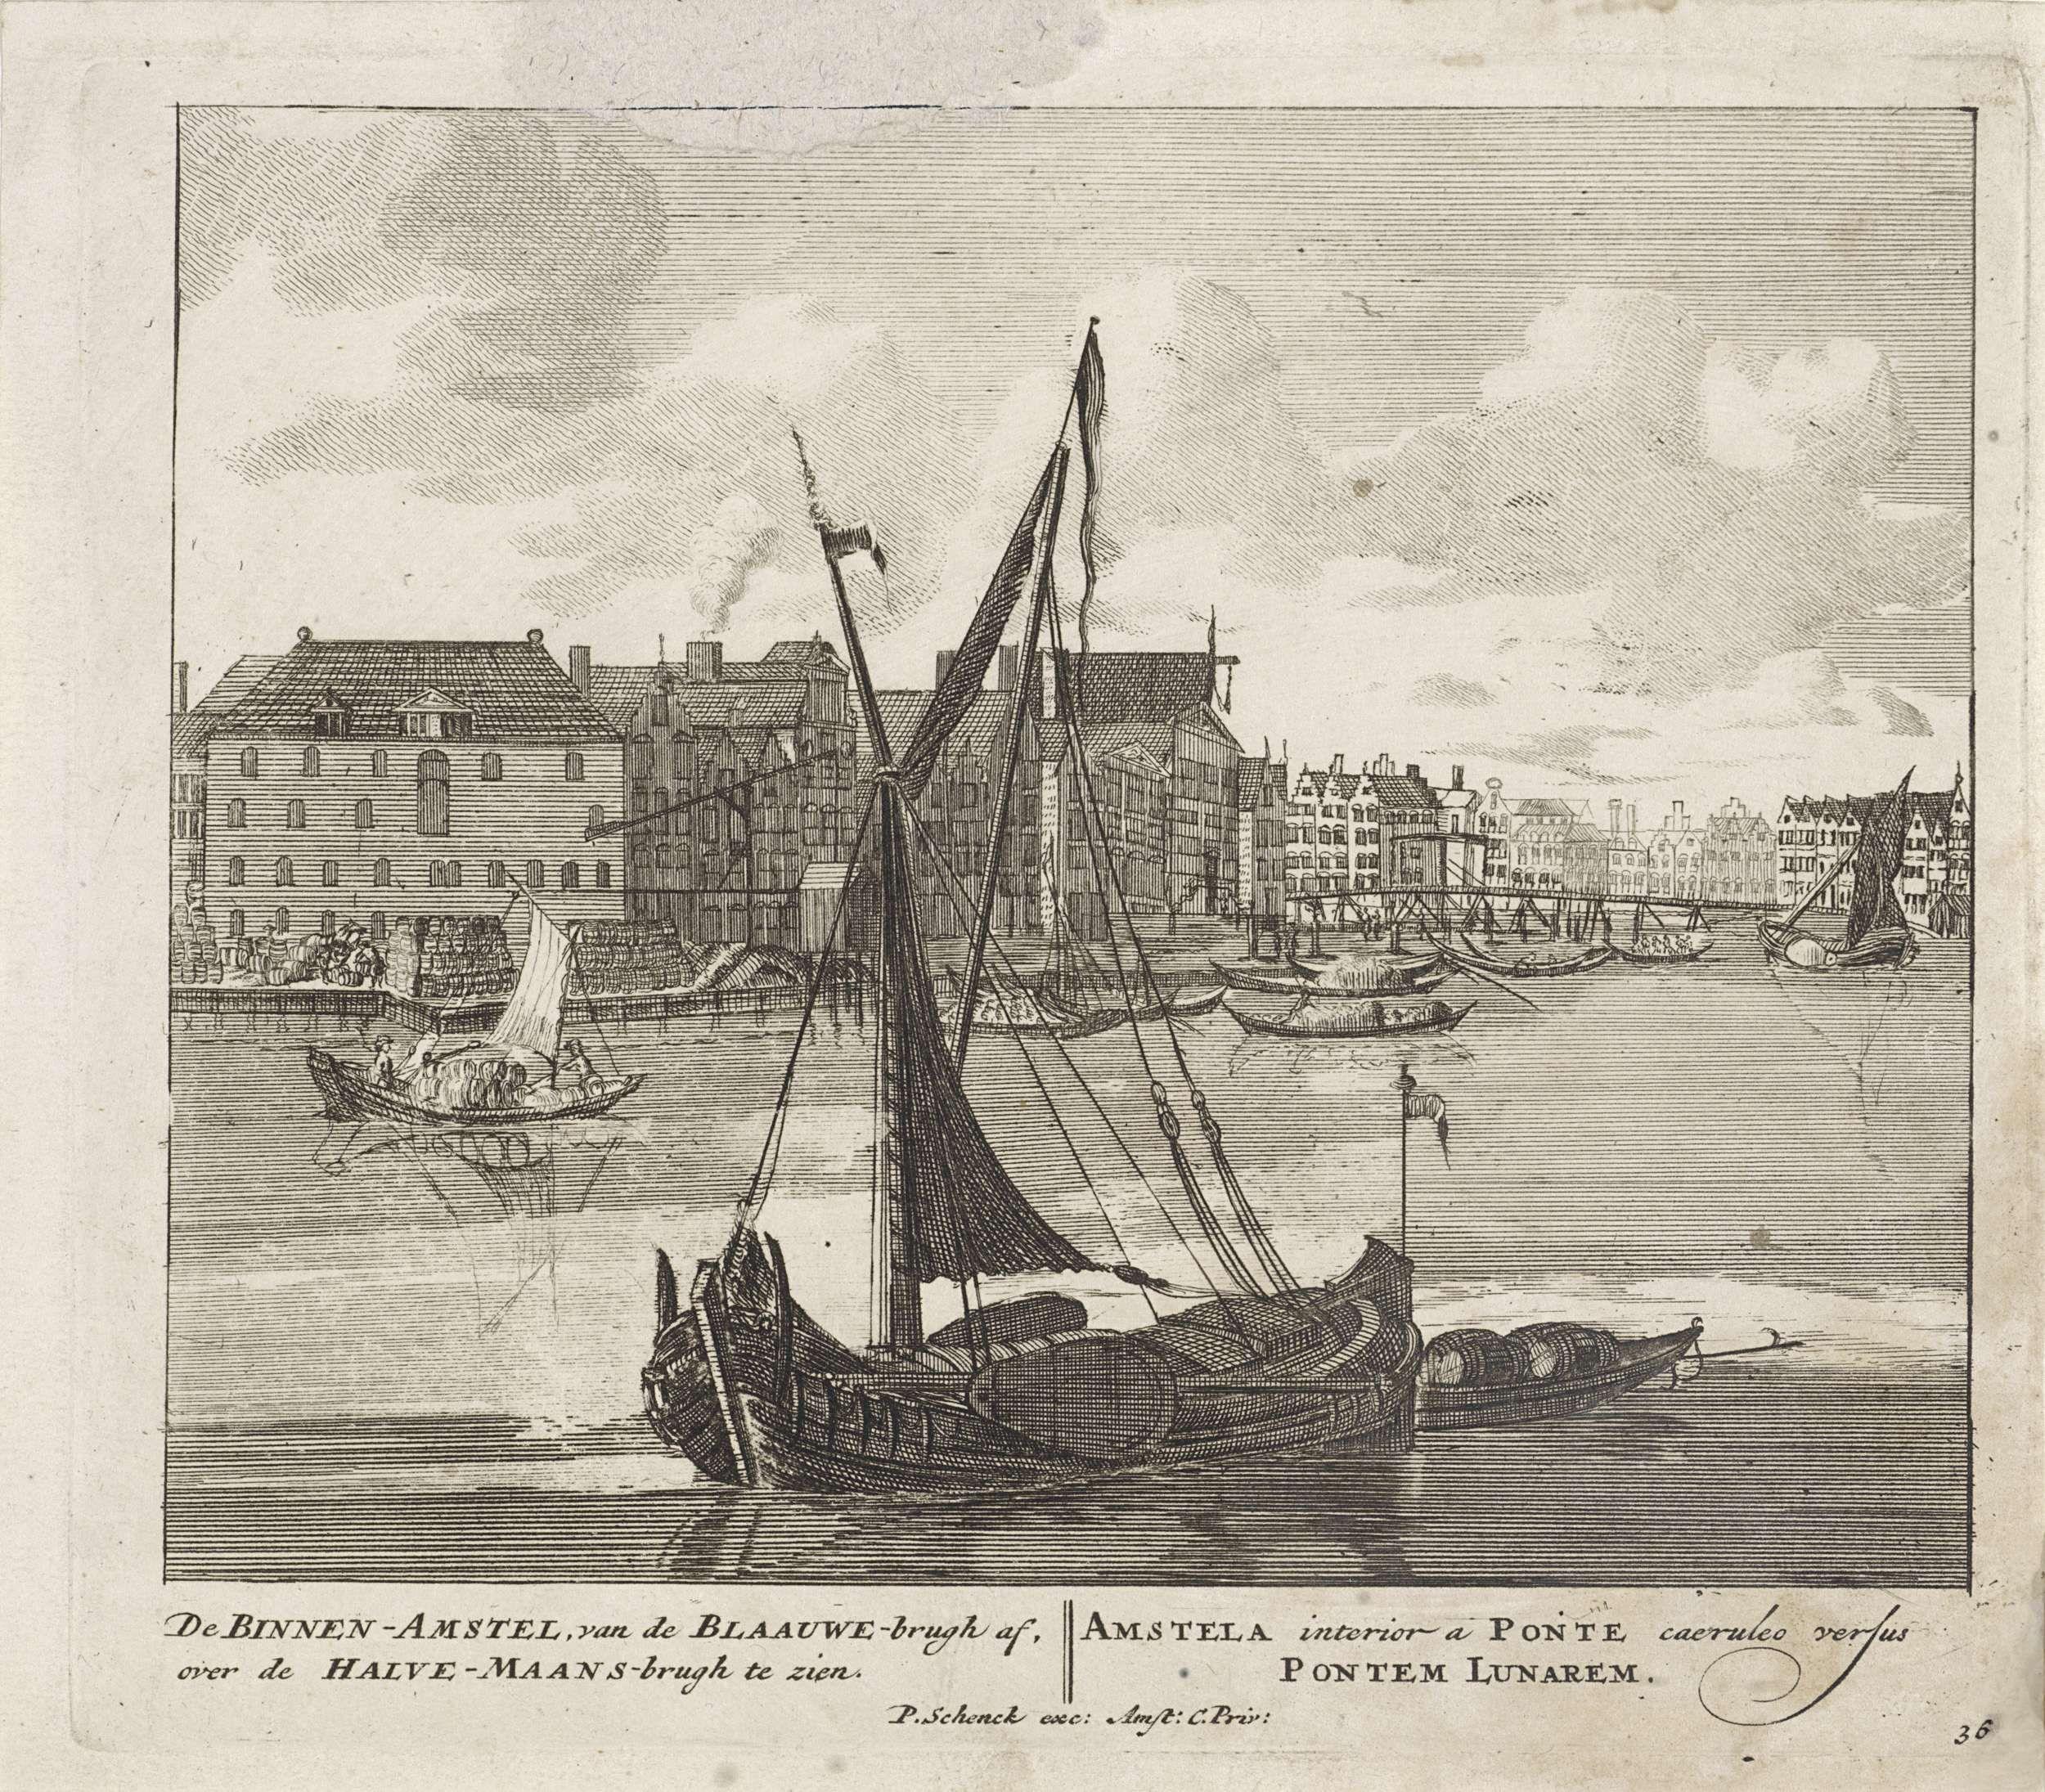 Pieter Schenk (I) | Binnen-Amstel met de Halvemaansbrug, Pieter Schenk (I), unknown, 1675 - 1711 | Gezicht op de Binnen-Amstel, gezien vanaf de Blauwbrug naar de Halvemaansbrug. Links brouwerij de drie Roskammen.